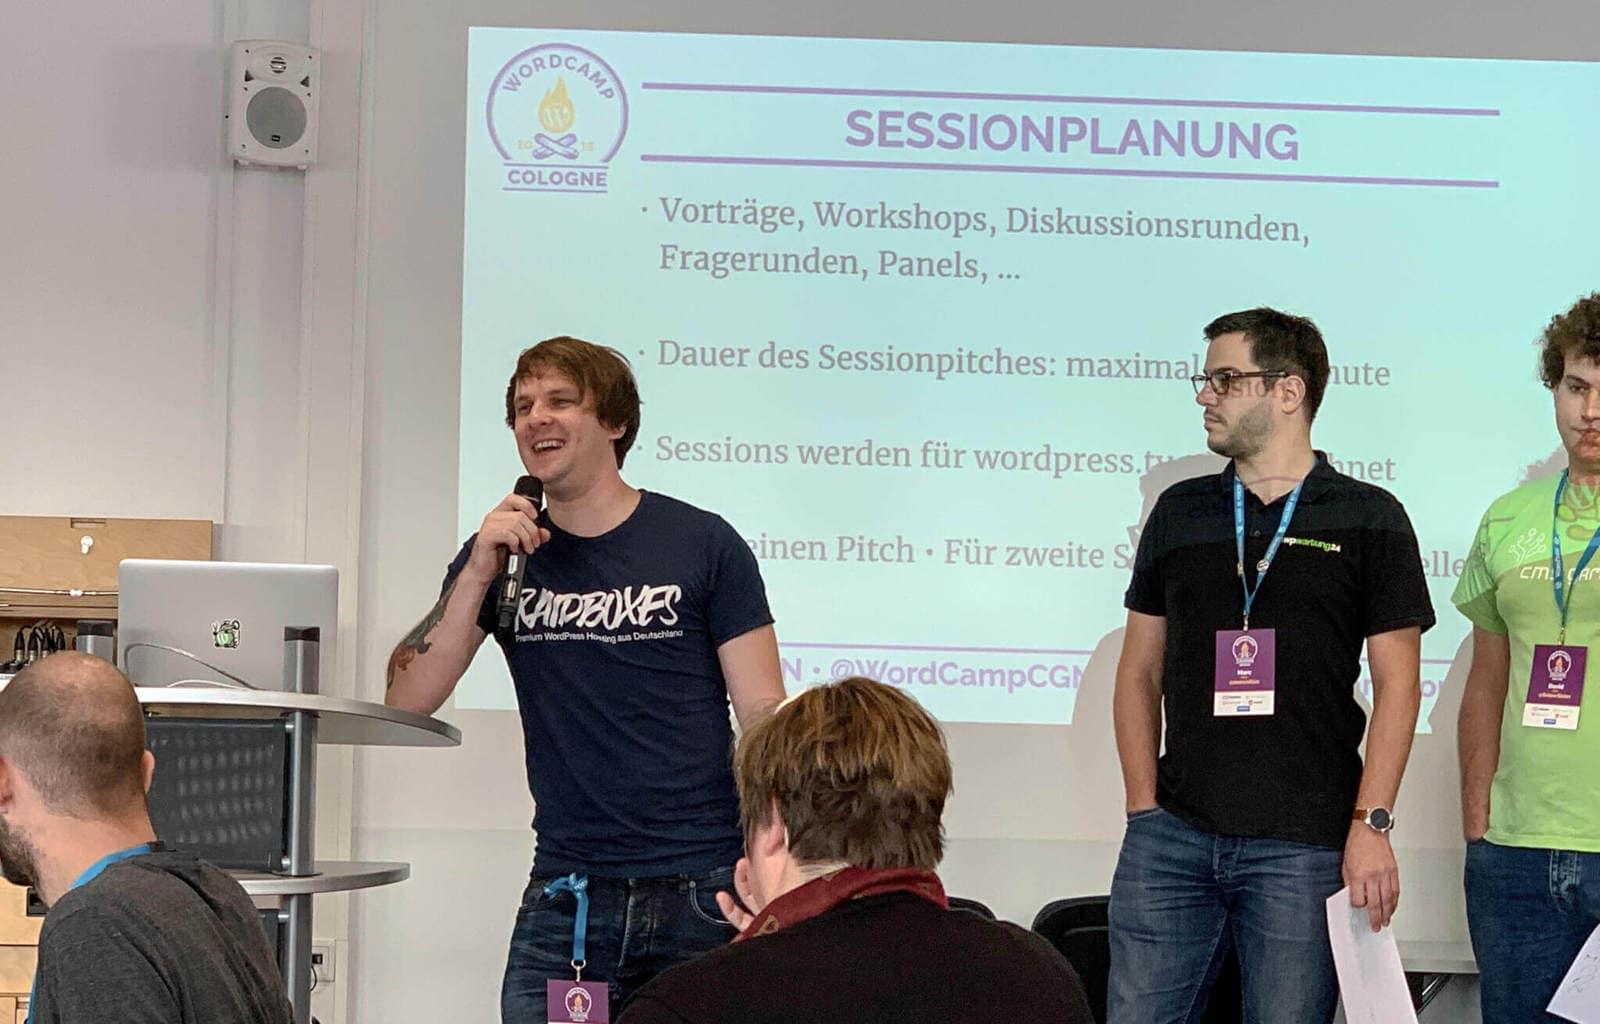 WordCamp Köln: Matthias von RAIDBOXES beim Session-Pitch